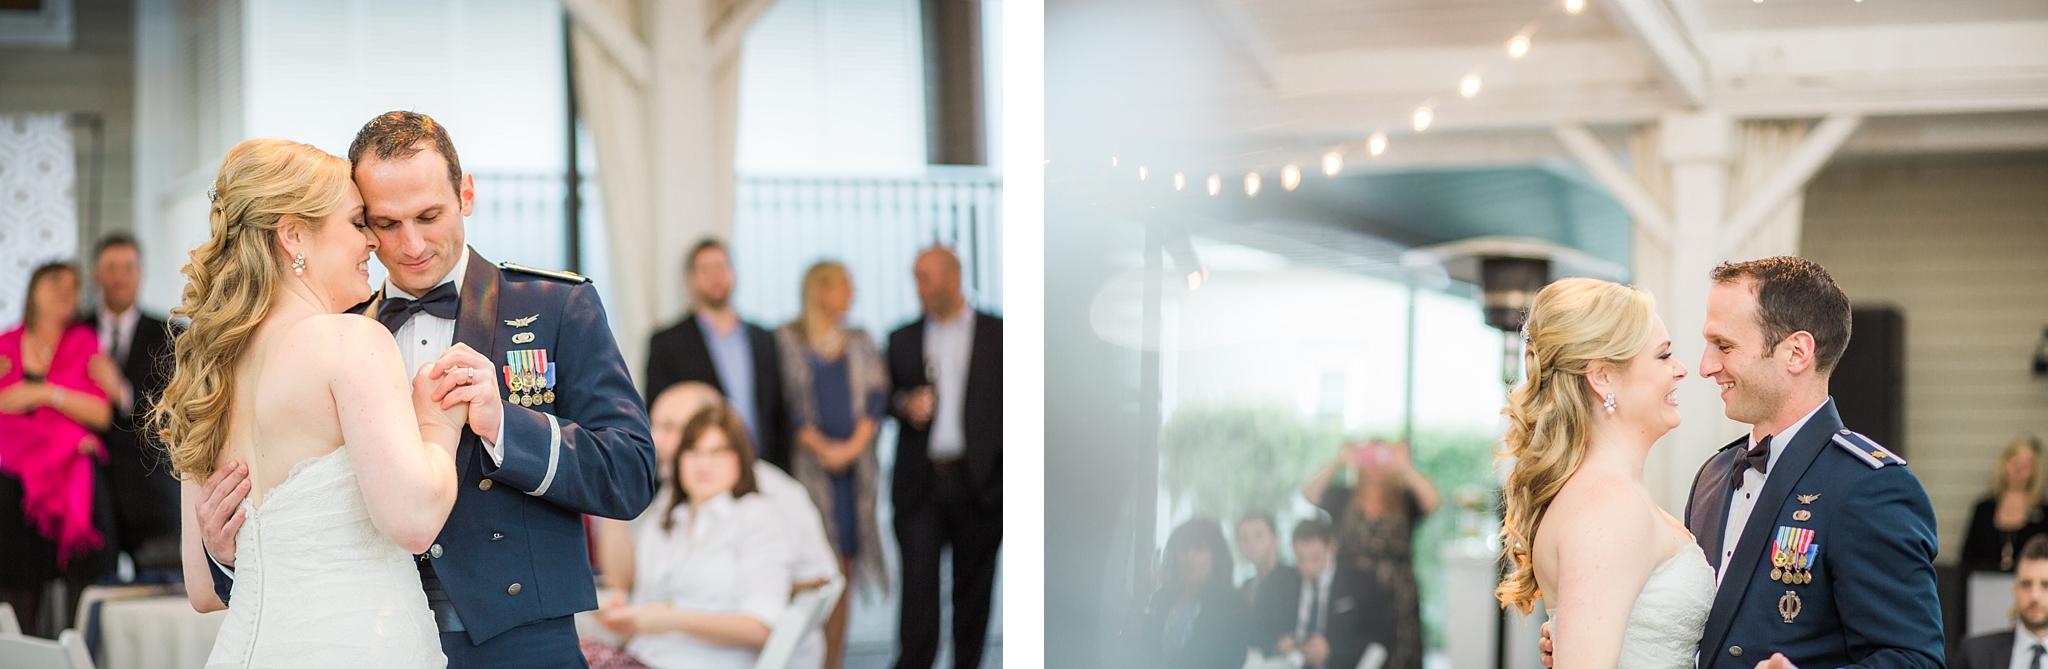 wedding-reception-cjs-nashville.jpg